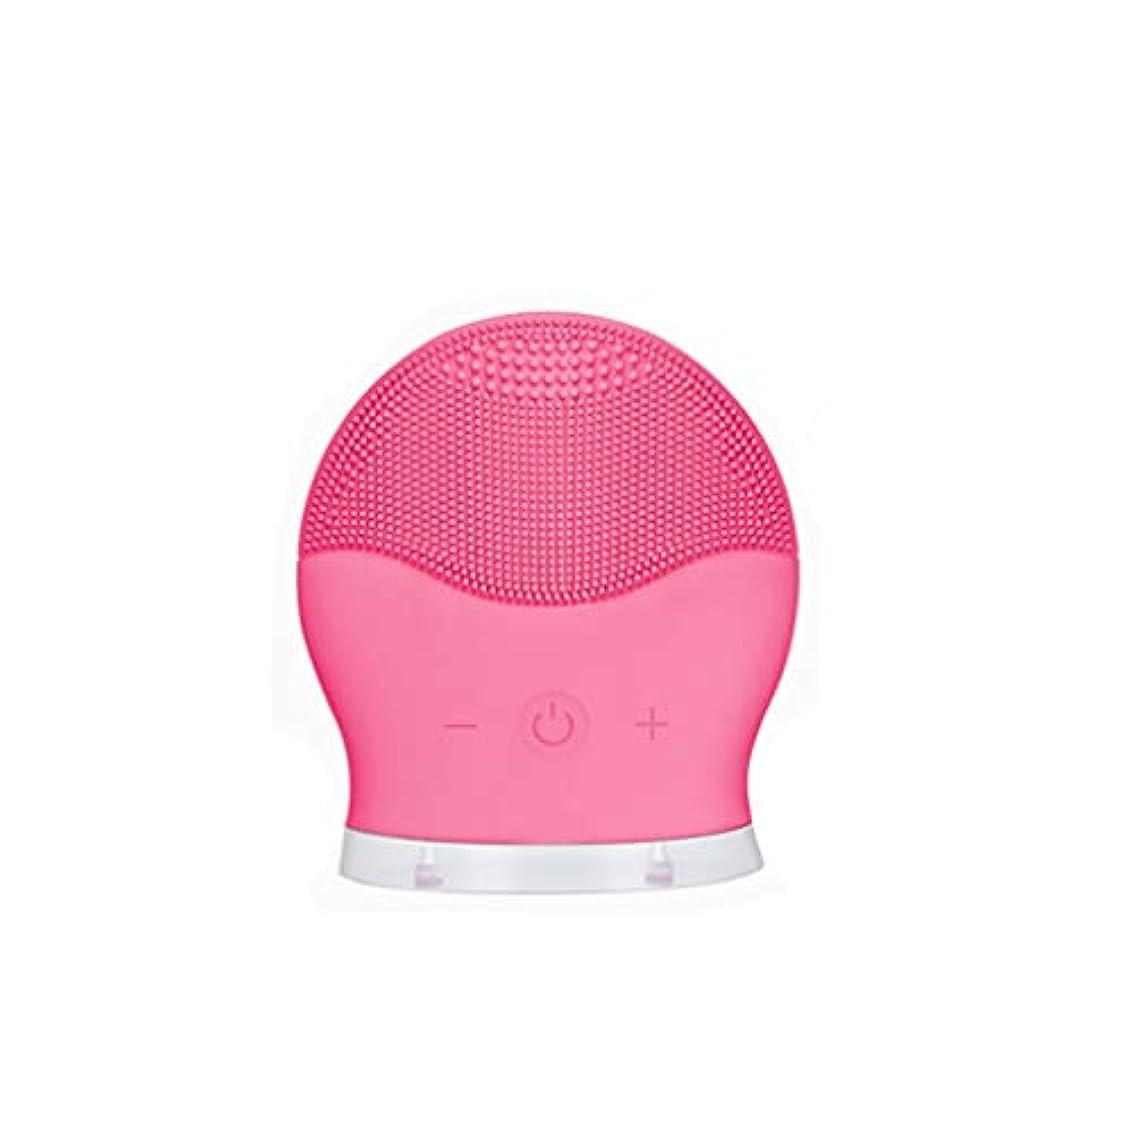 スノーケル指導する詐欺ポータブル超音波振動シリコーンクレンジング機器、アンチエイジング顔マッサージ、毛穴を減らすために、皮膚を改善する剥離,Rosered